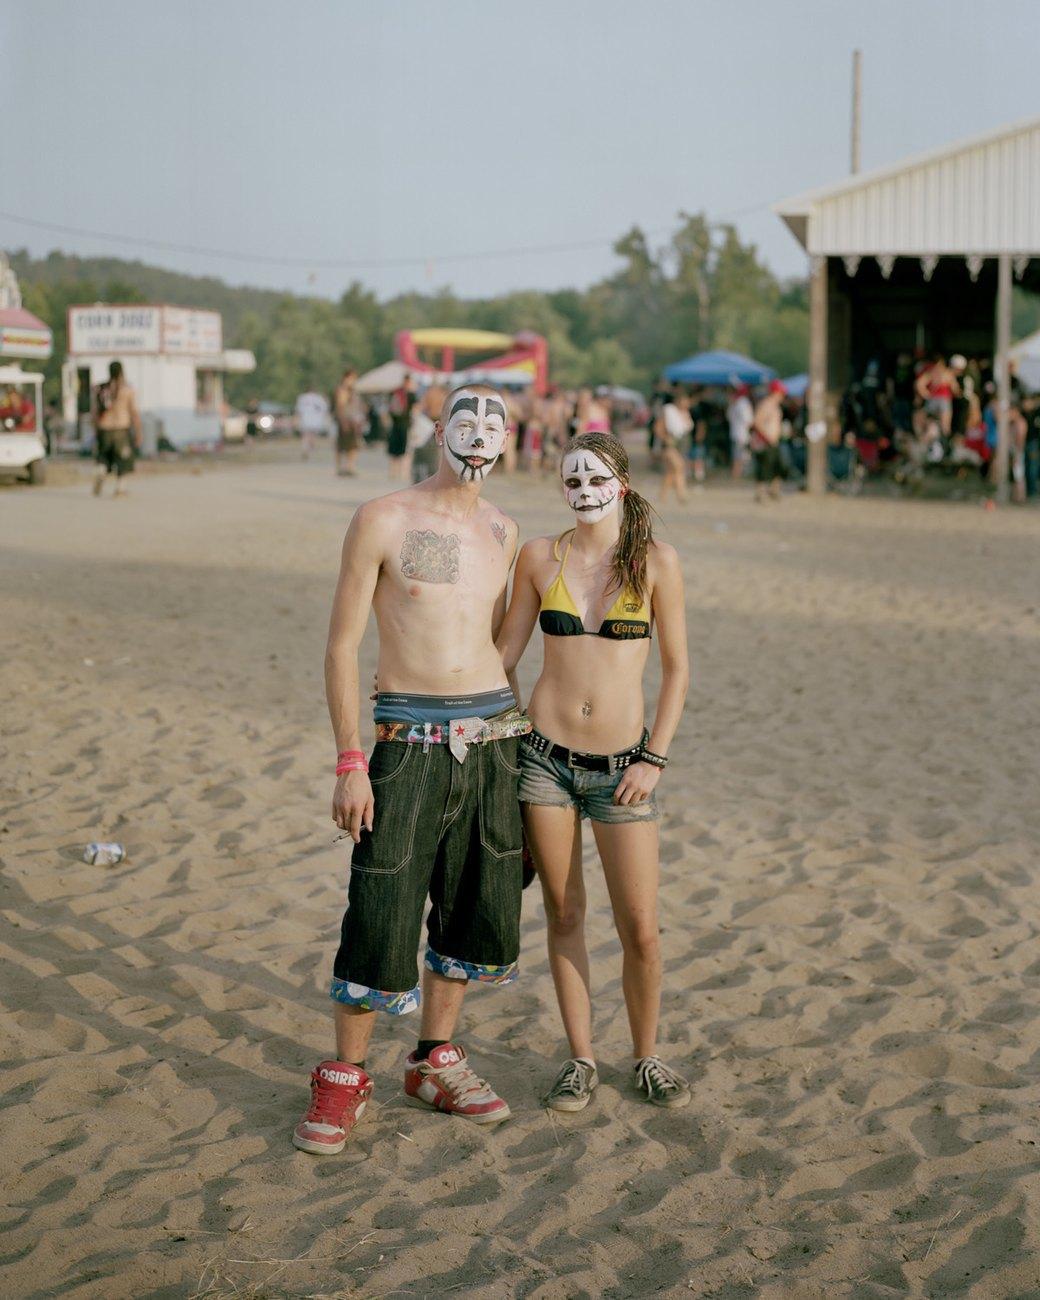 Клоуны на выезде: Фоторепортаж с ежегодного фестиваля джаггало в Иллинойсе. Изображение № 20.